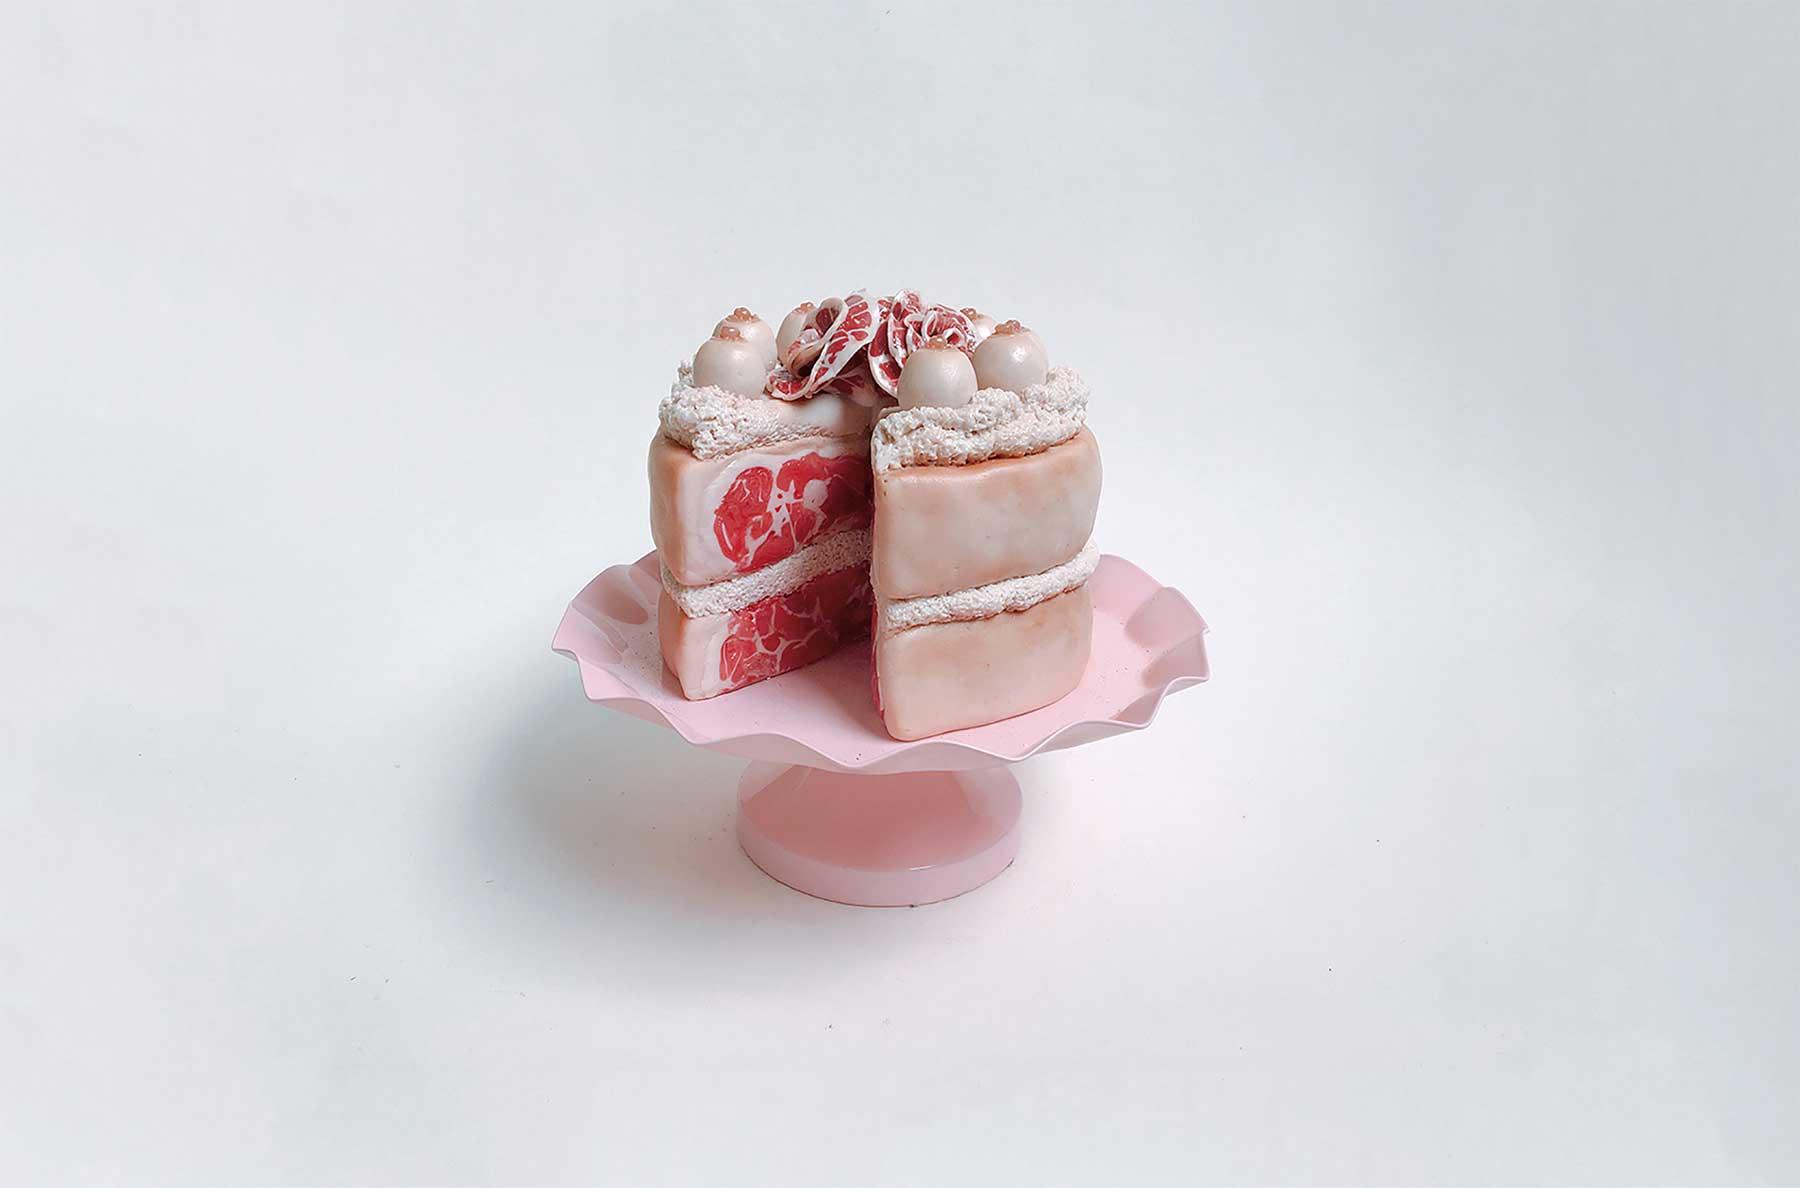 Anatomie-Desserts von QimmyShimmy Anatomiekuchen-QimmyShimmy_03